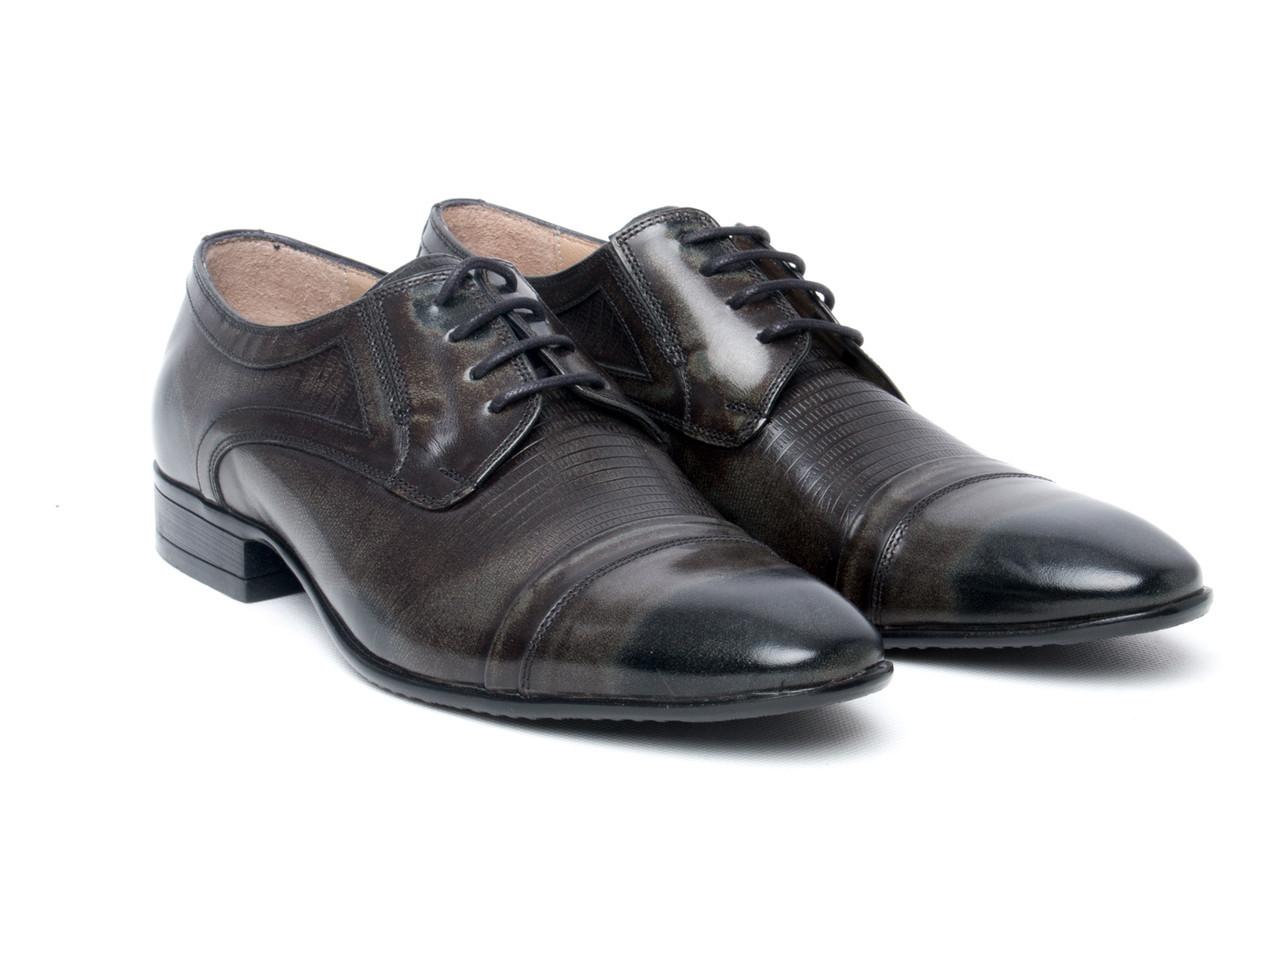 Туфли Etor 11630-852-1592  45 коричневые